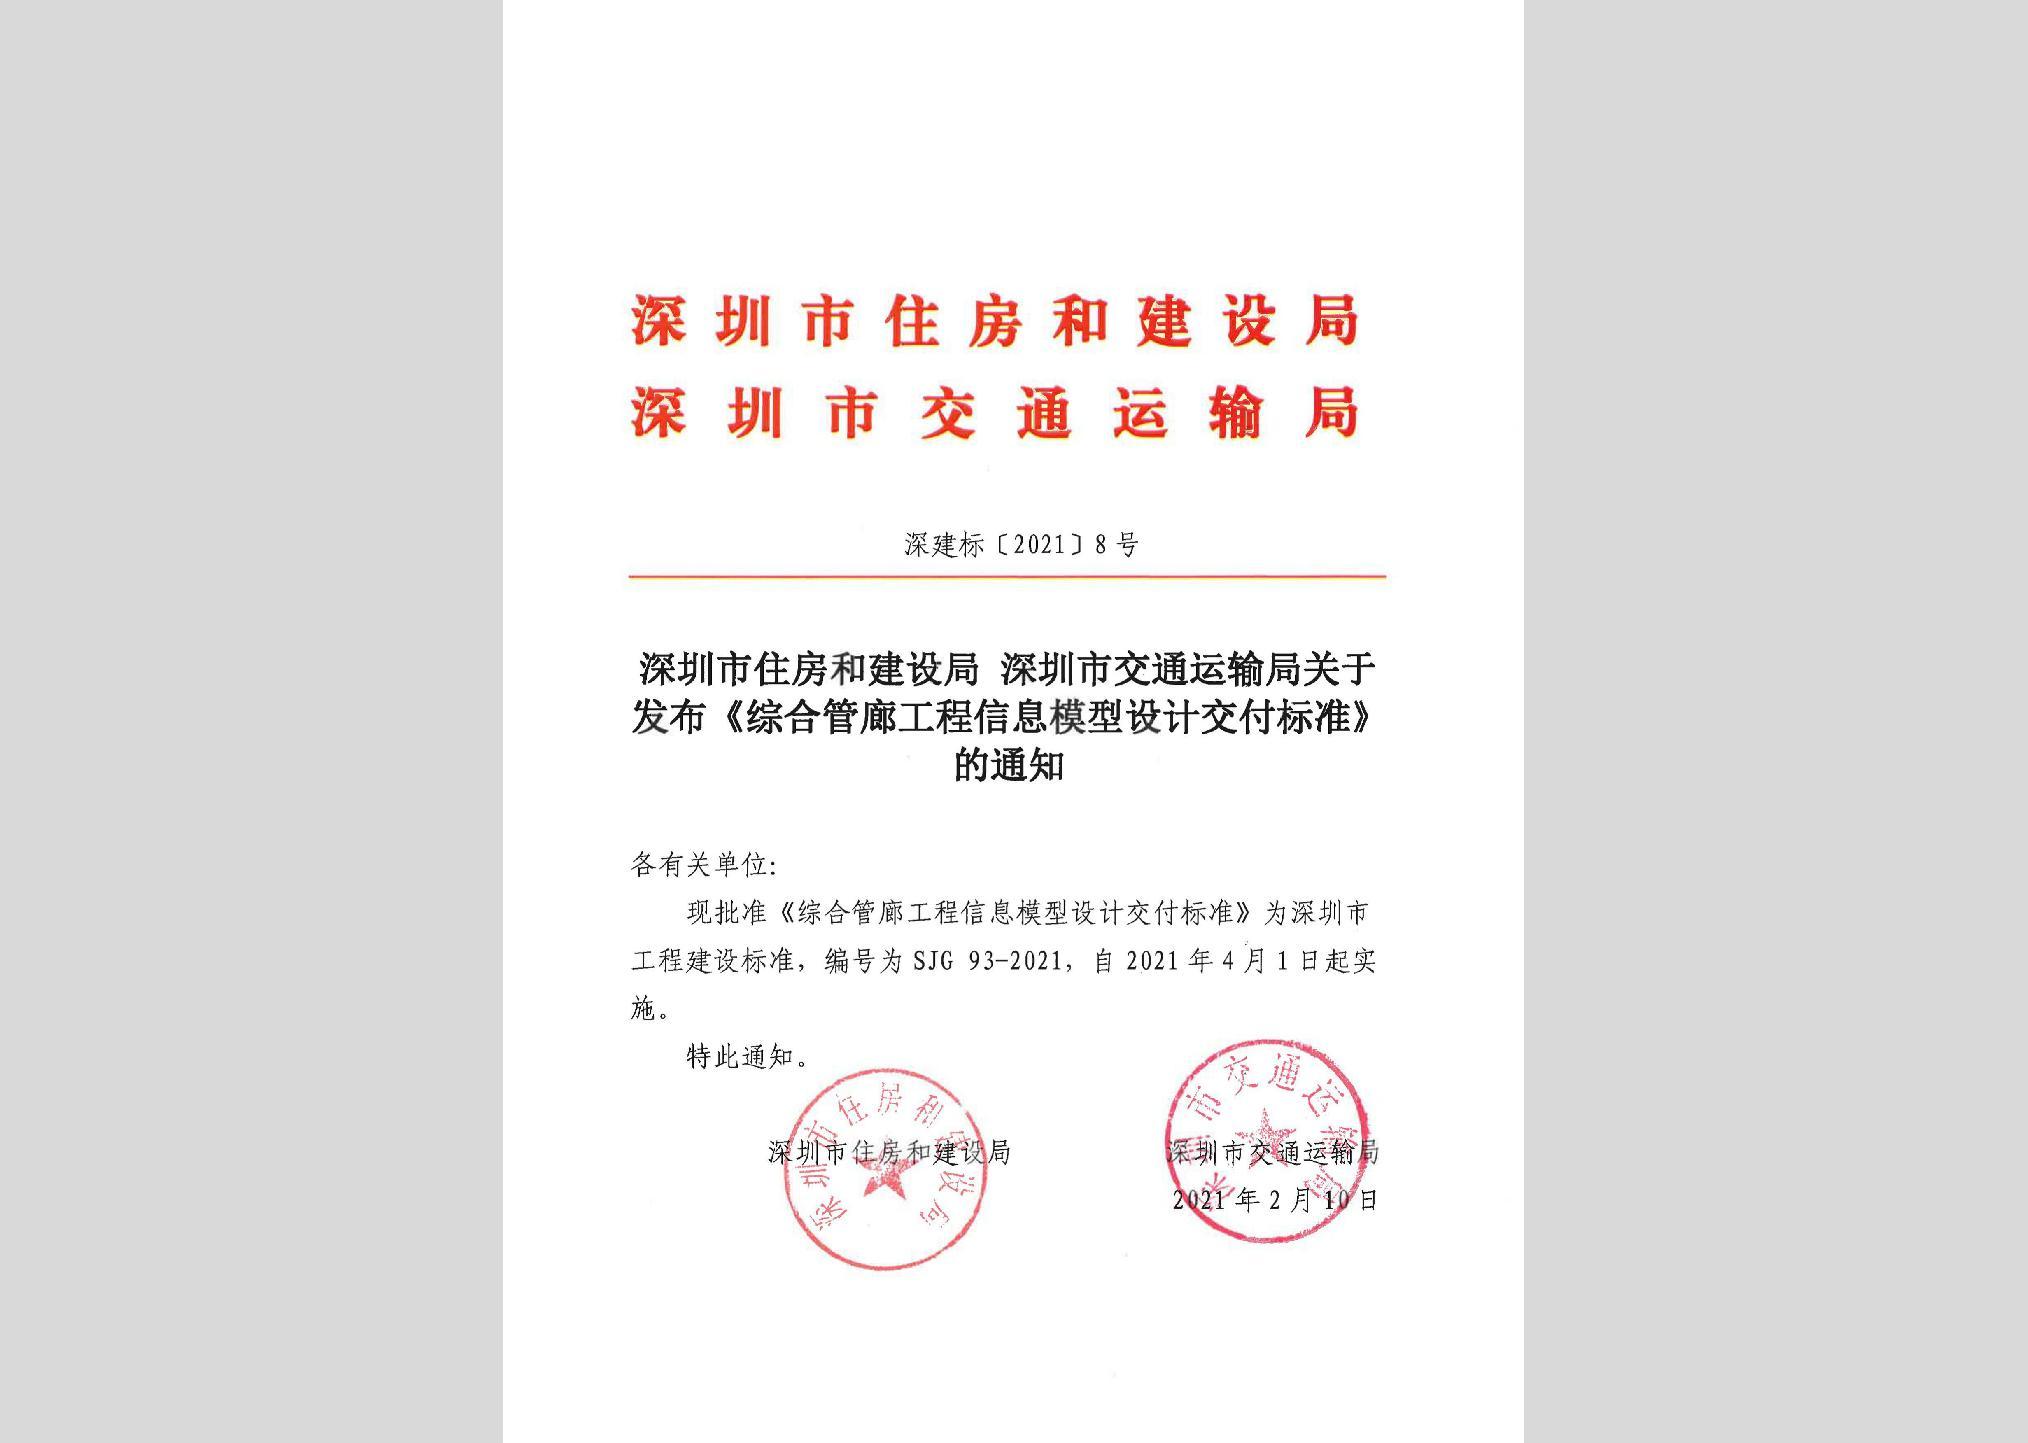 SJG93-2021:综合管廊工程信息模型设计交付标准